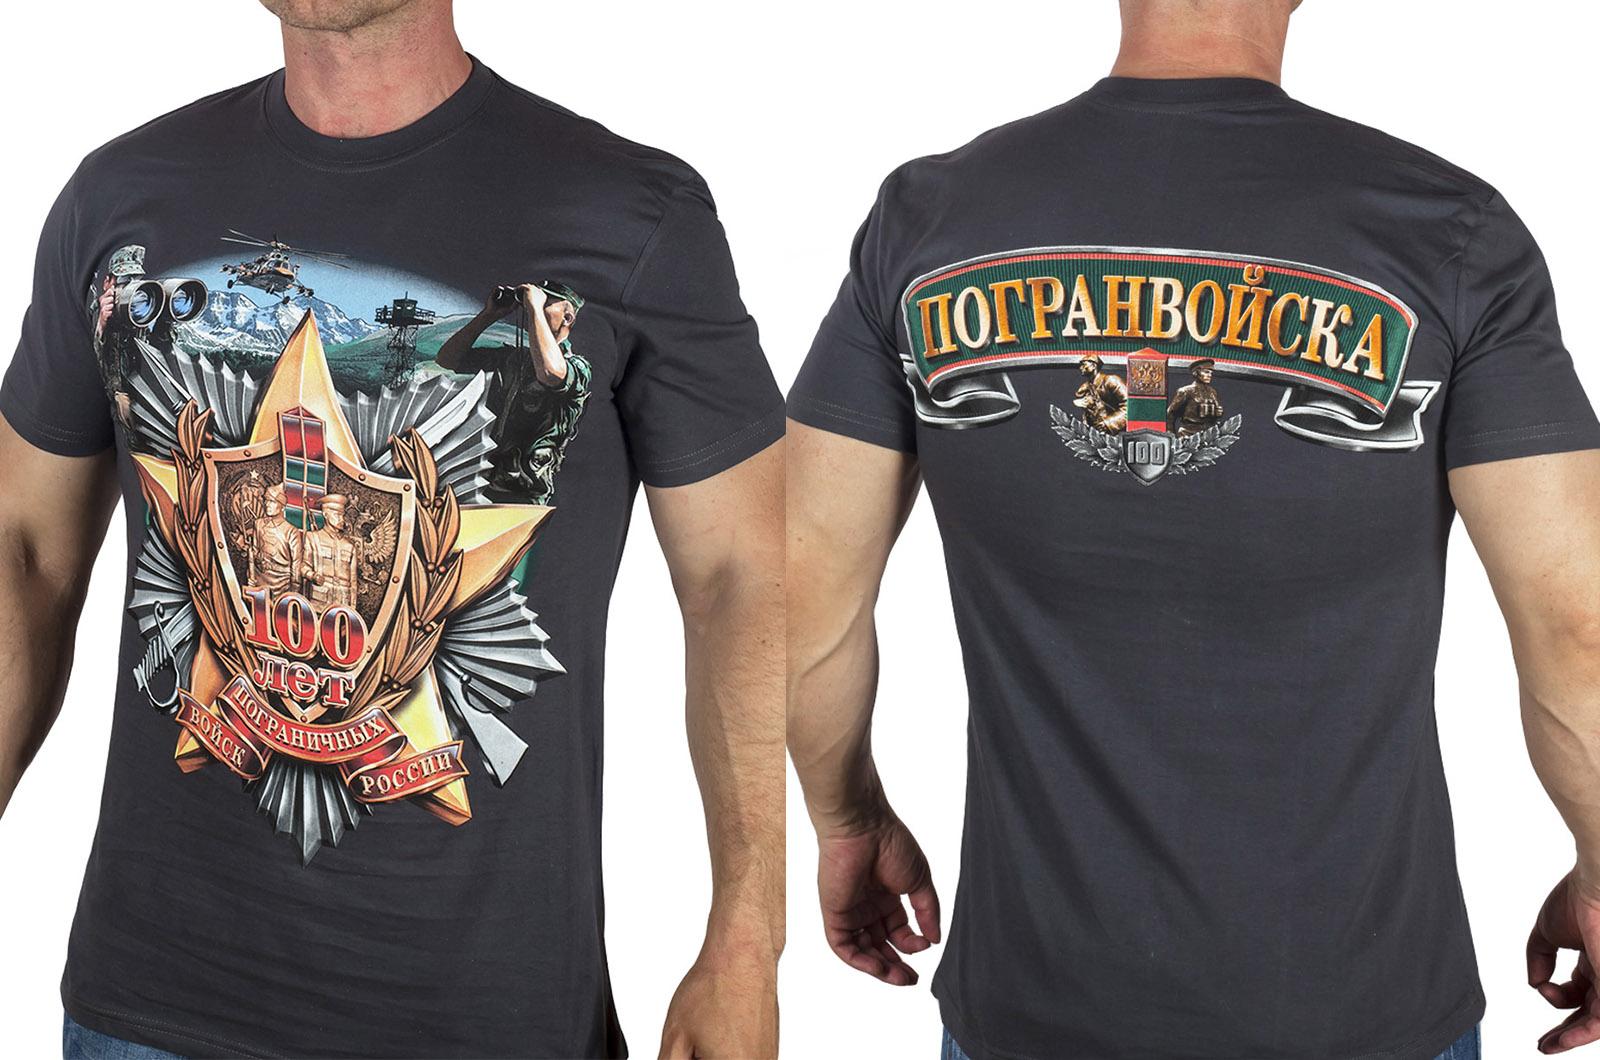 Мужская футболка с пограничным принтом с доставкой